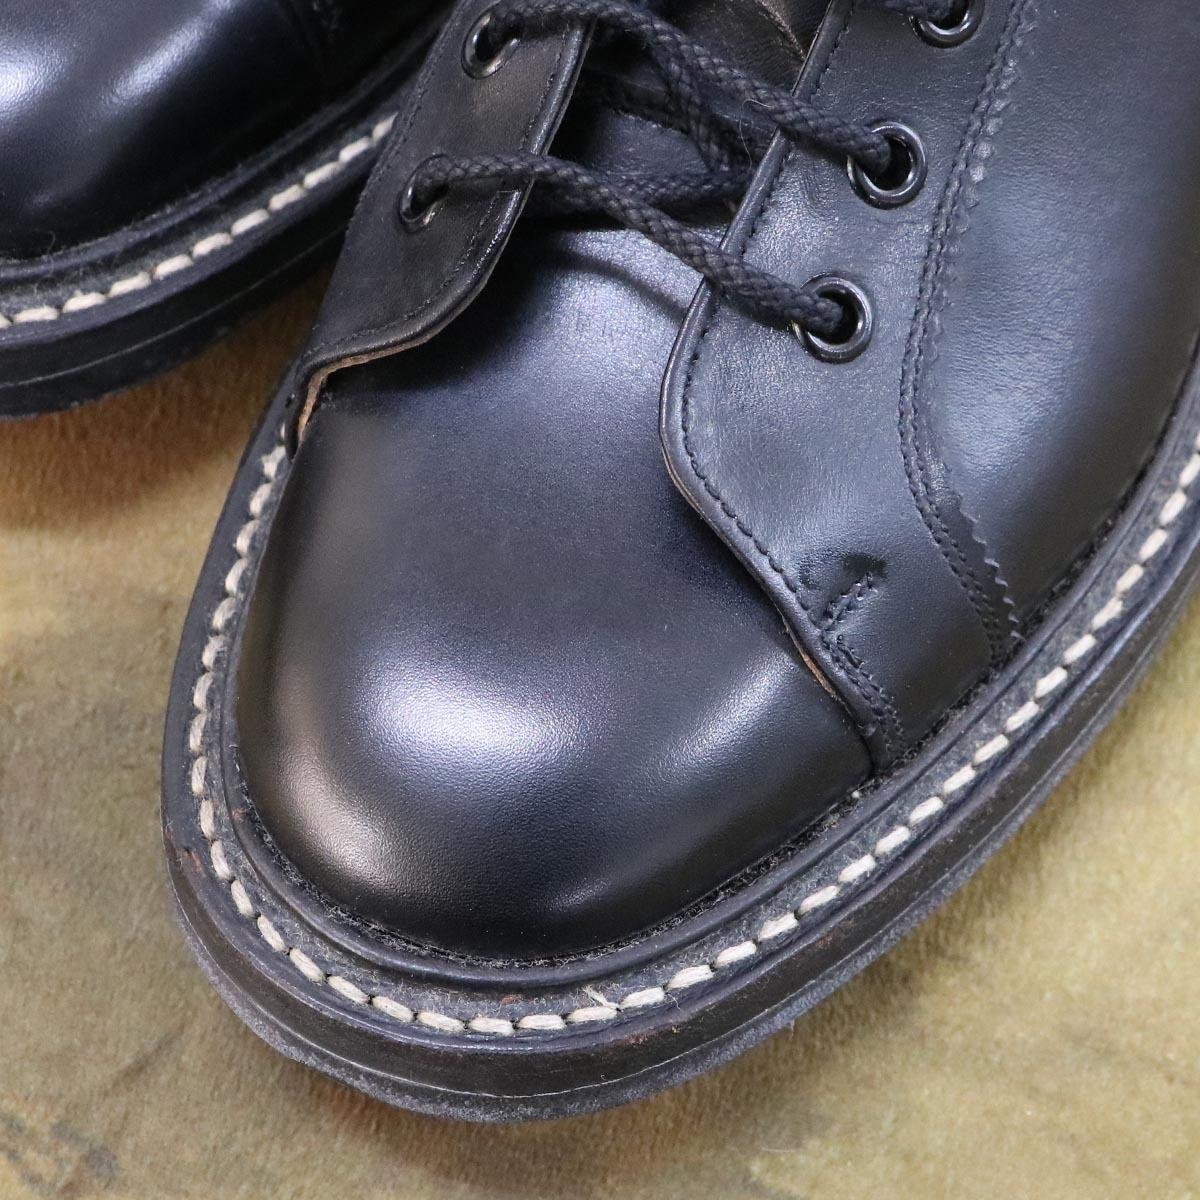 本物 極上品 トリッカーズ 別注品 ポールスミス レースアップ DERBY レザーブーツ ブラック 紳士靴 スニーカー Tricker's_画像5